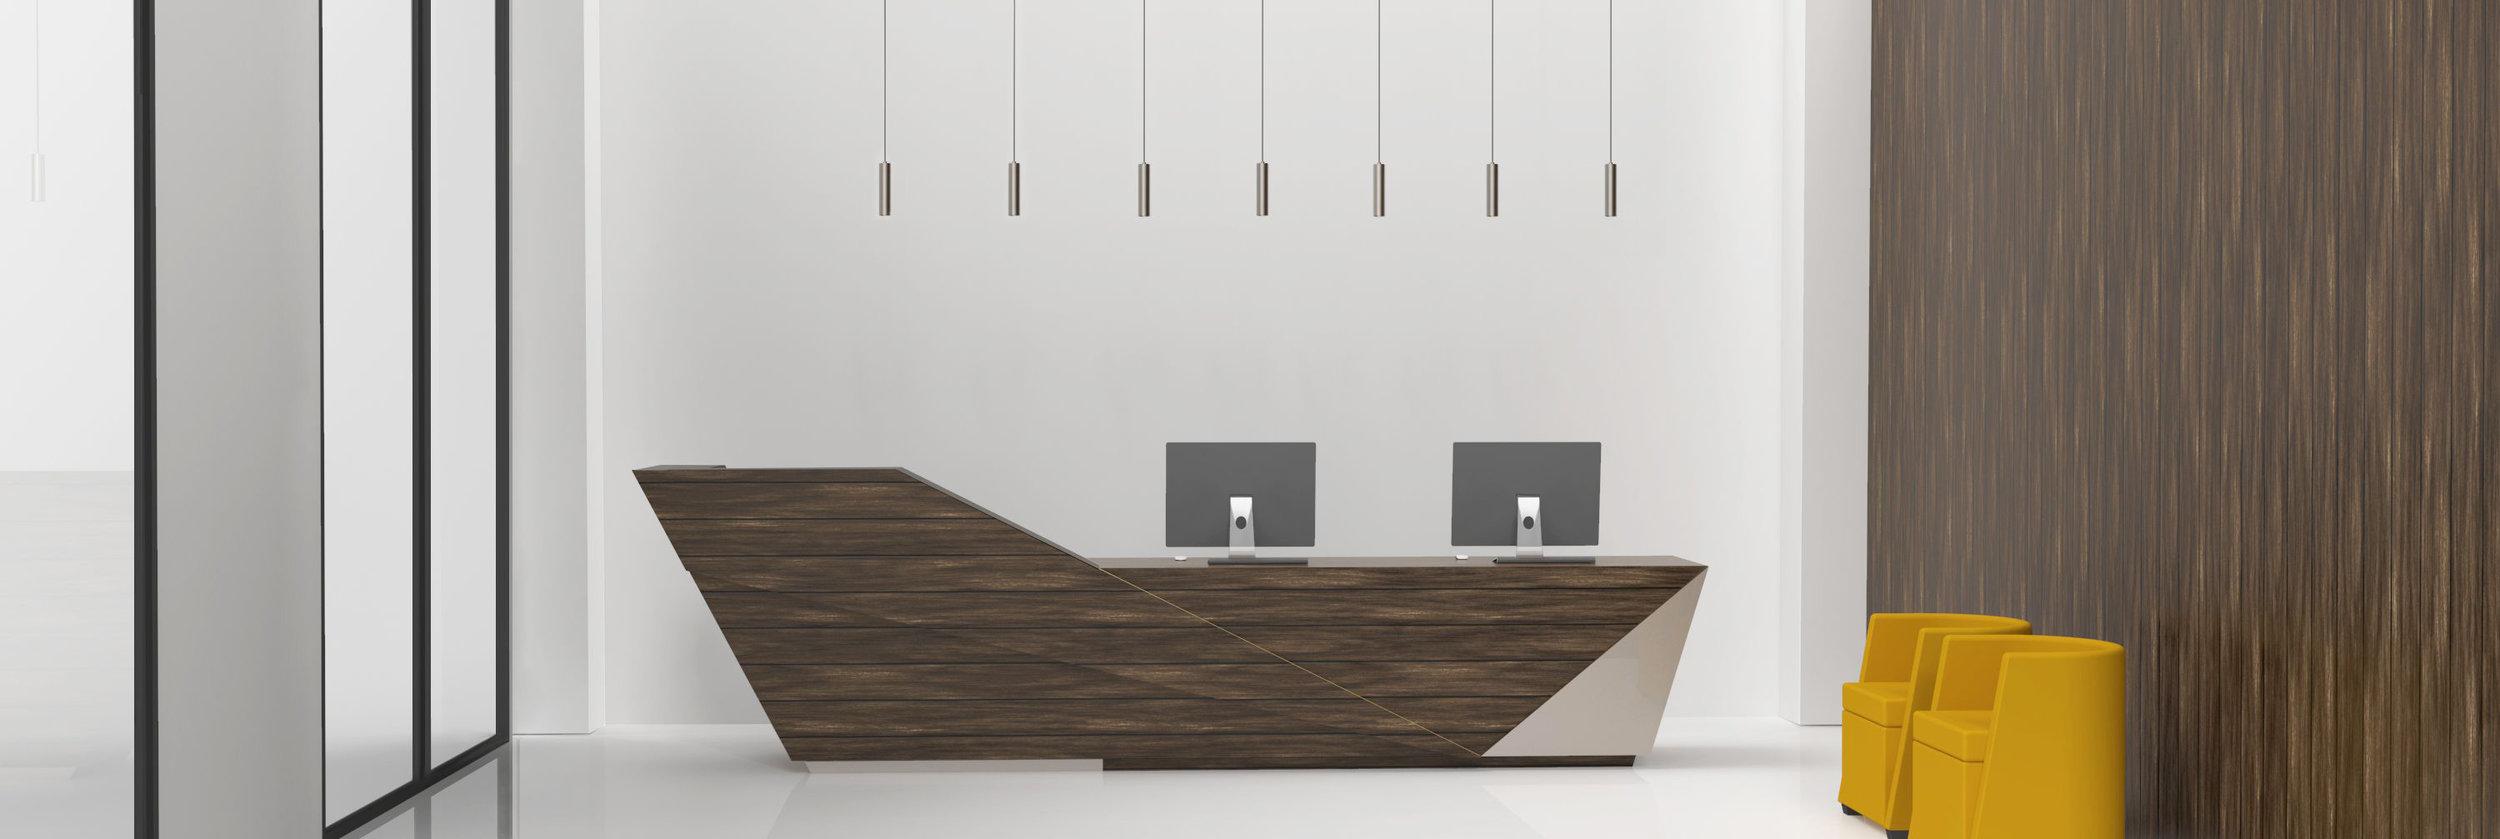 bellart-suspended-reception-area.jpg